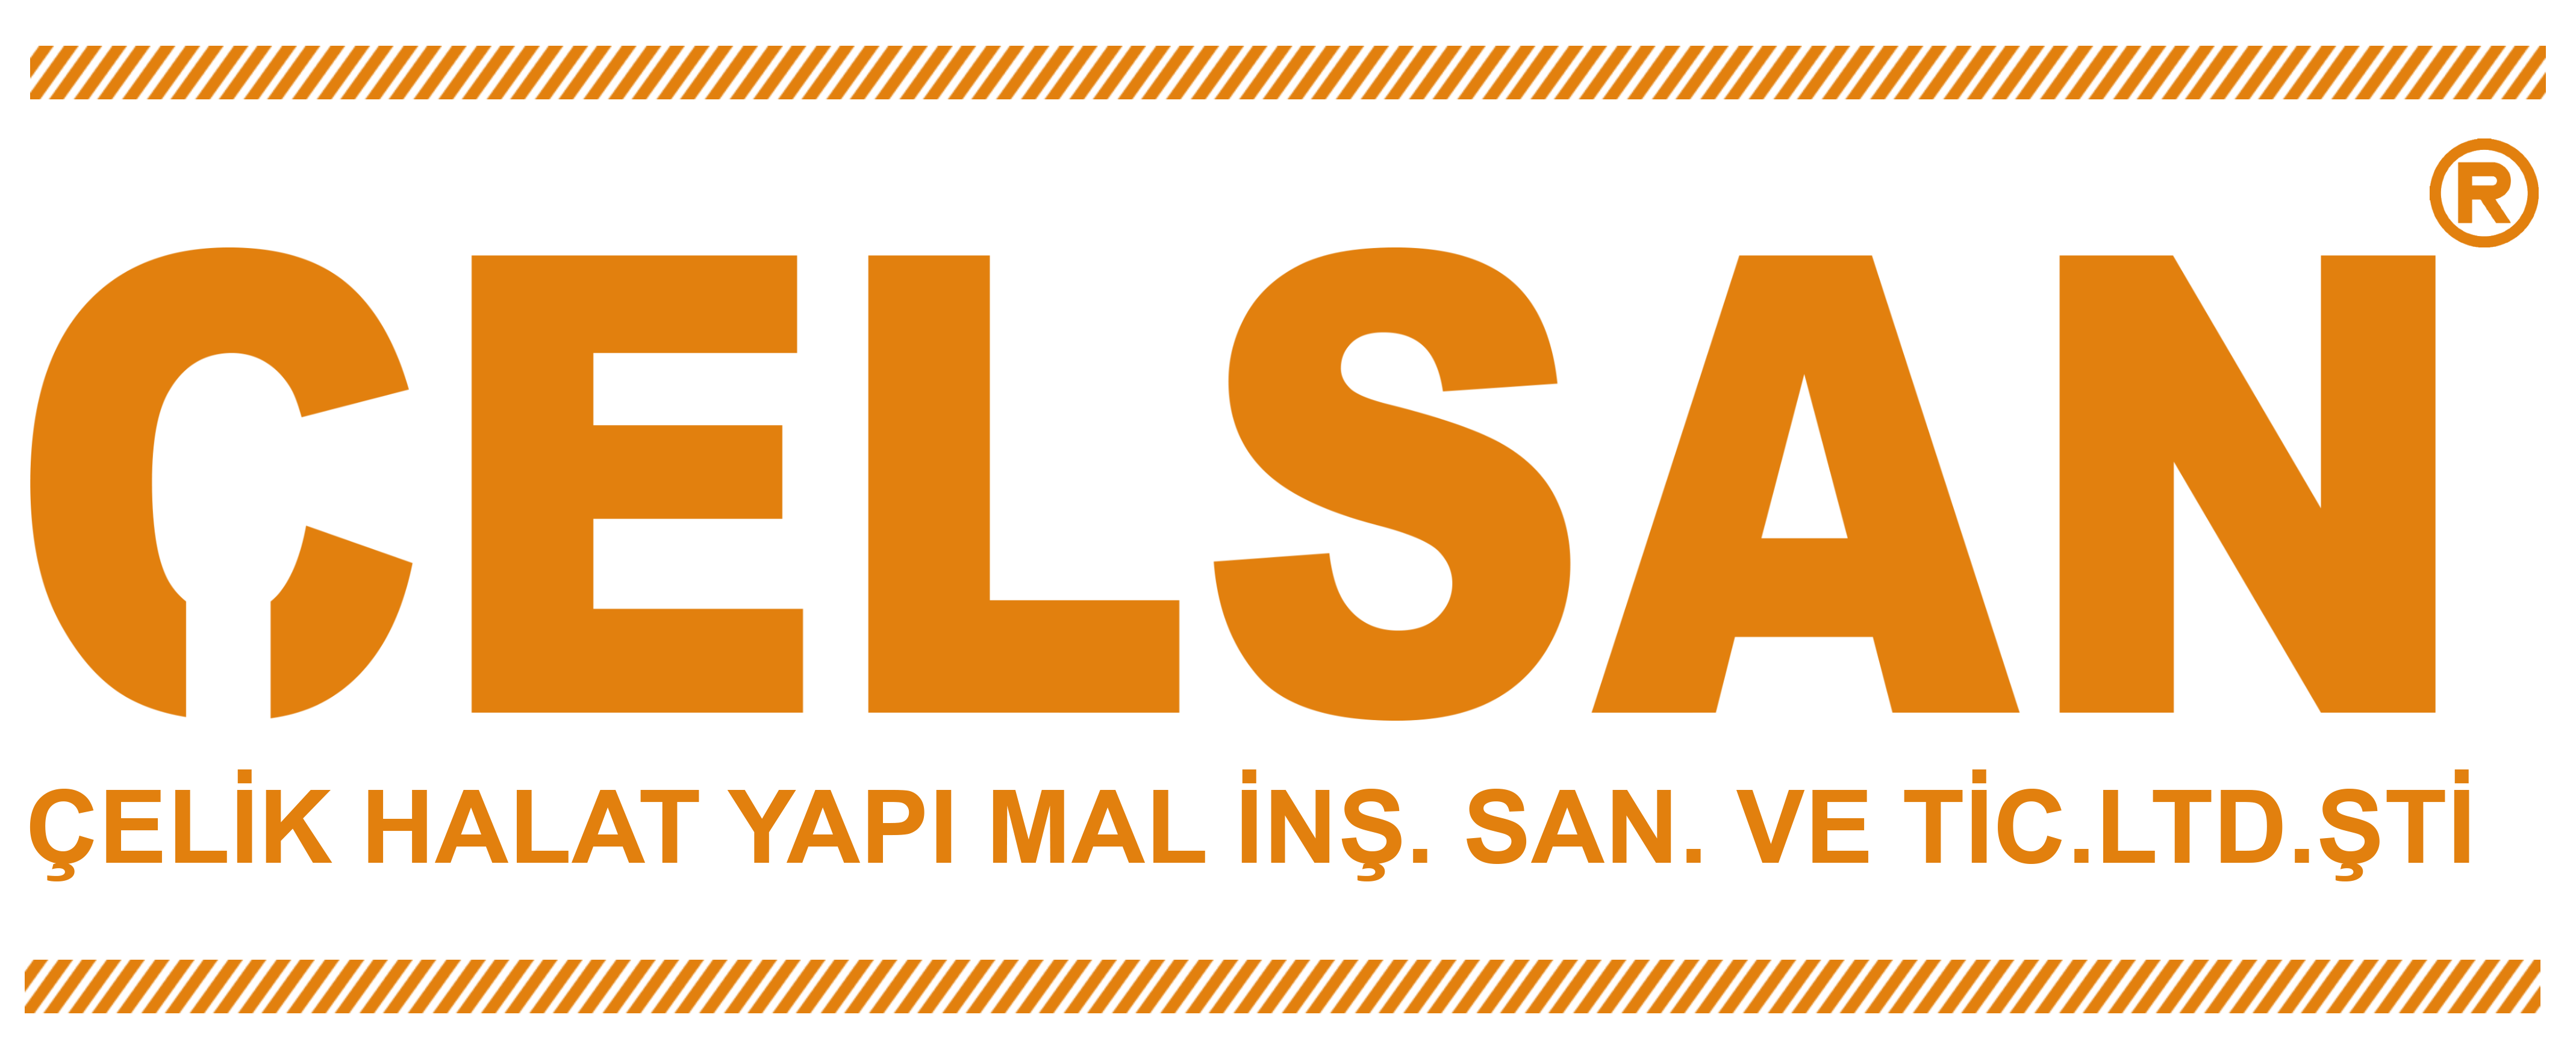 https://celsancelik.com.tr/